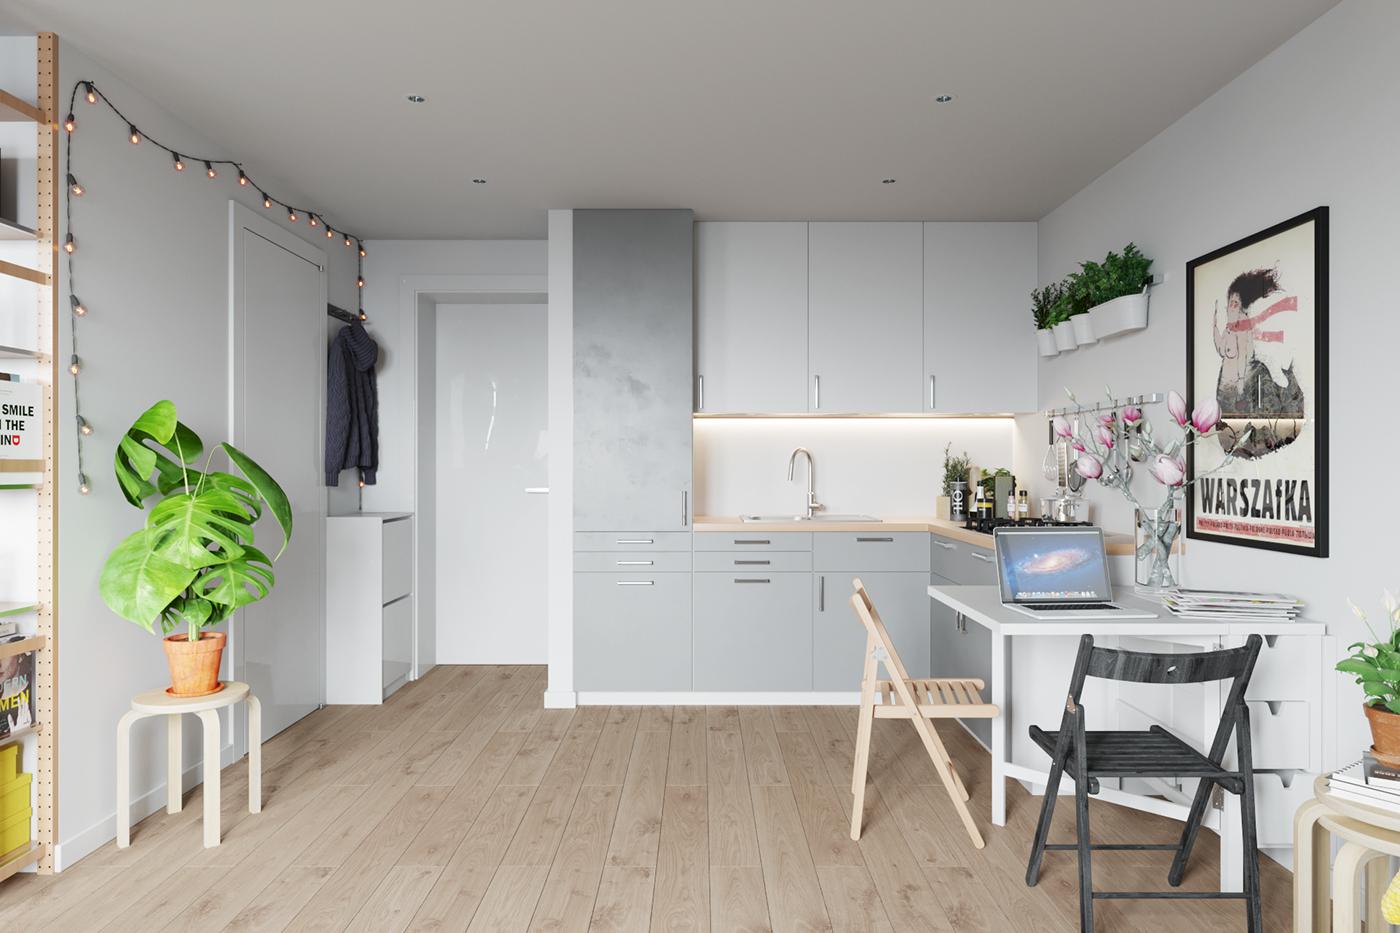 Small apartment interior in warsaw poland 008 on behance for Foto di appartamenti arredati